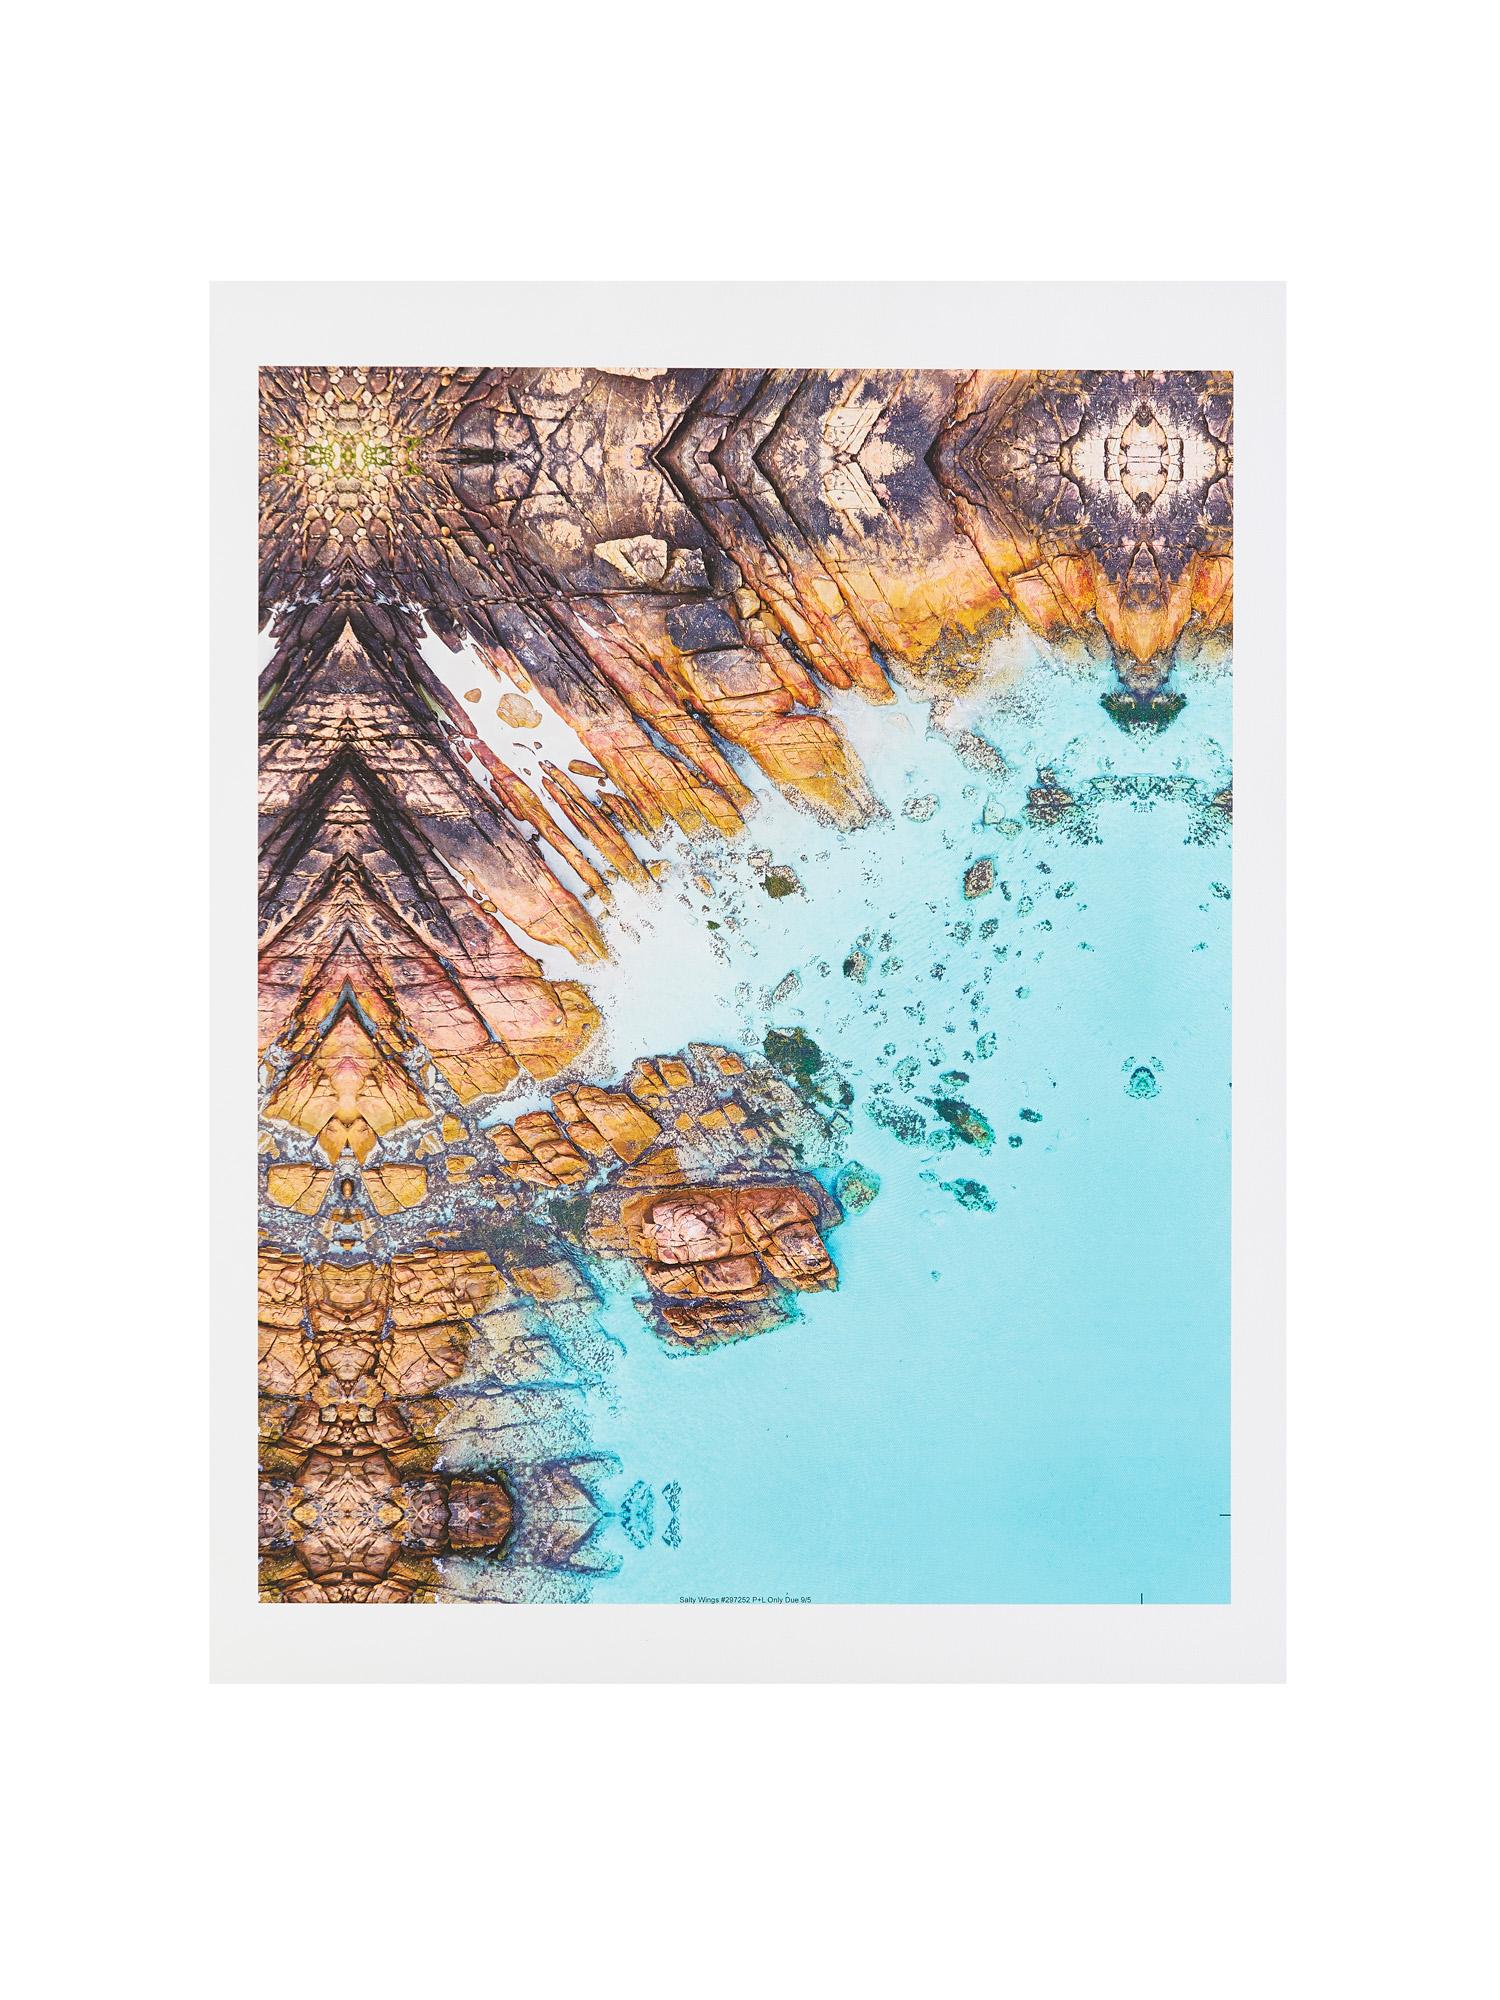 Salty Prints-221.jpg